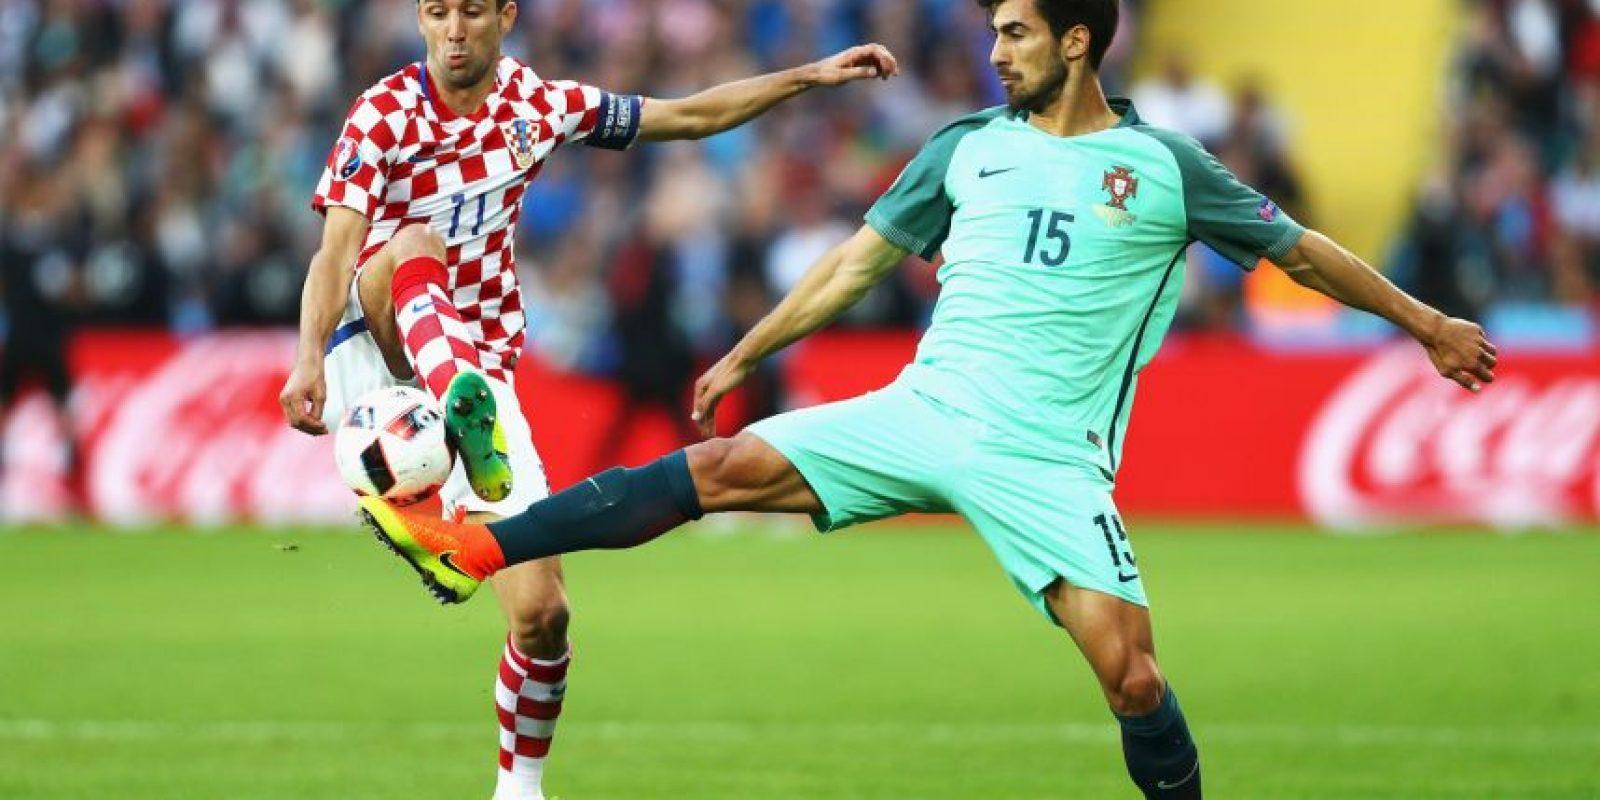 Viene de jugar la Eurocopa y ser campeón con Portugal Foto:Getty Images